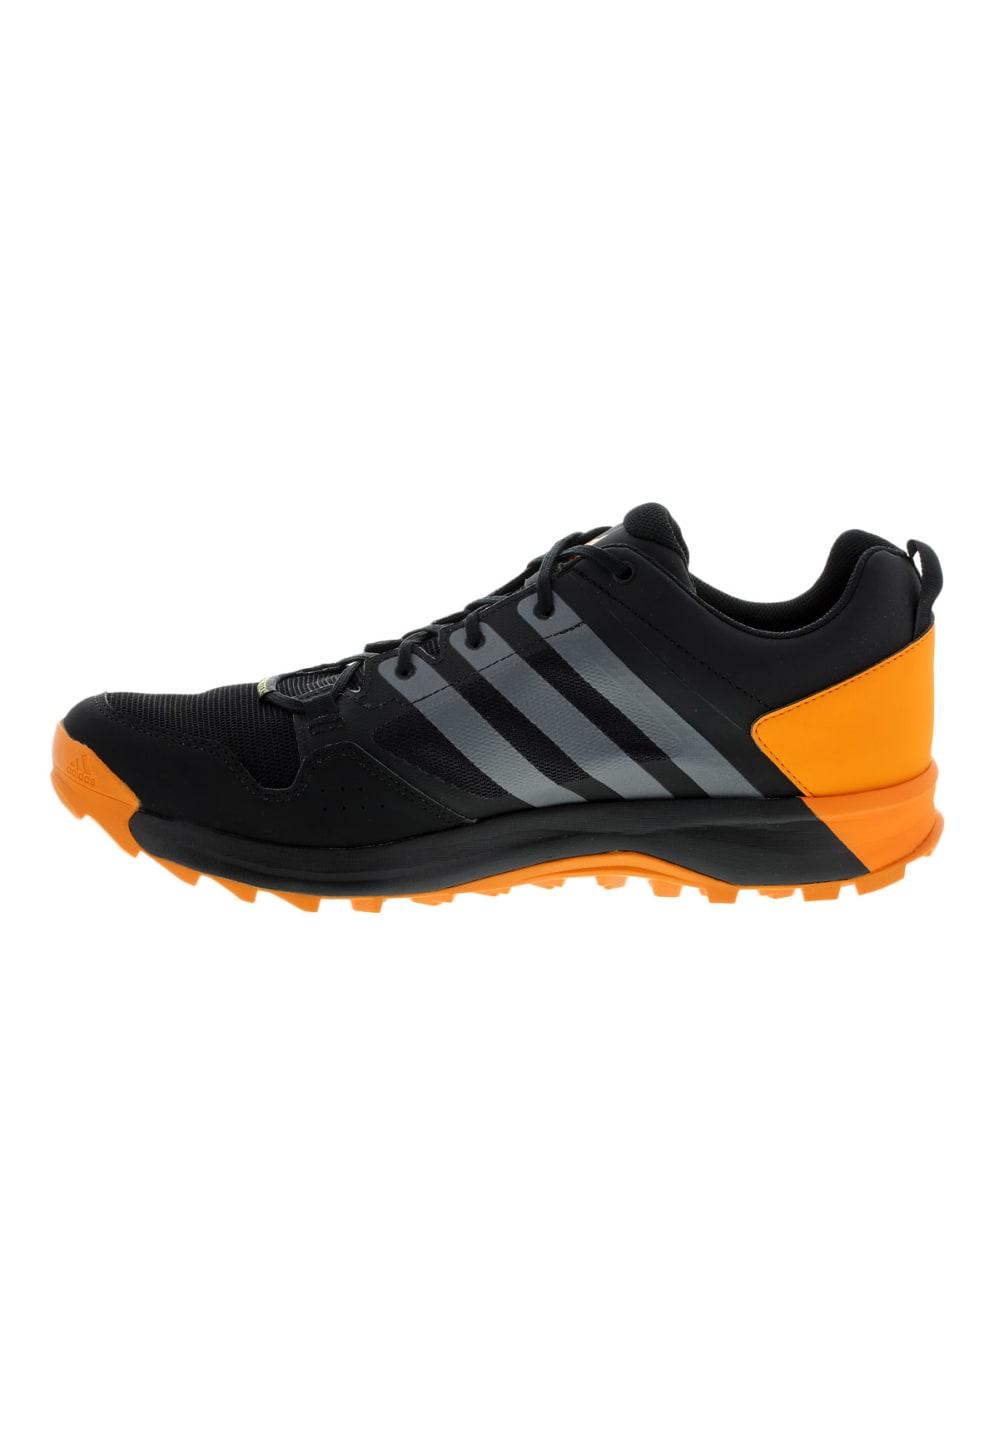 c0adb1ca60f adidas Kanadia 7 TR GTX - Running shoes for Men - Black